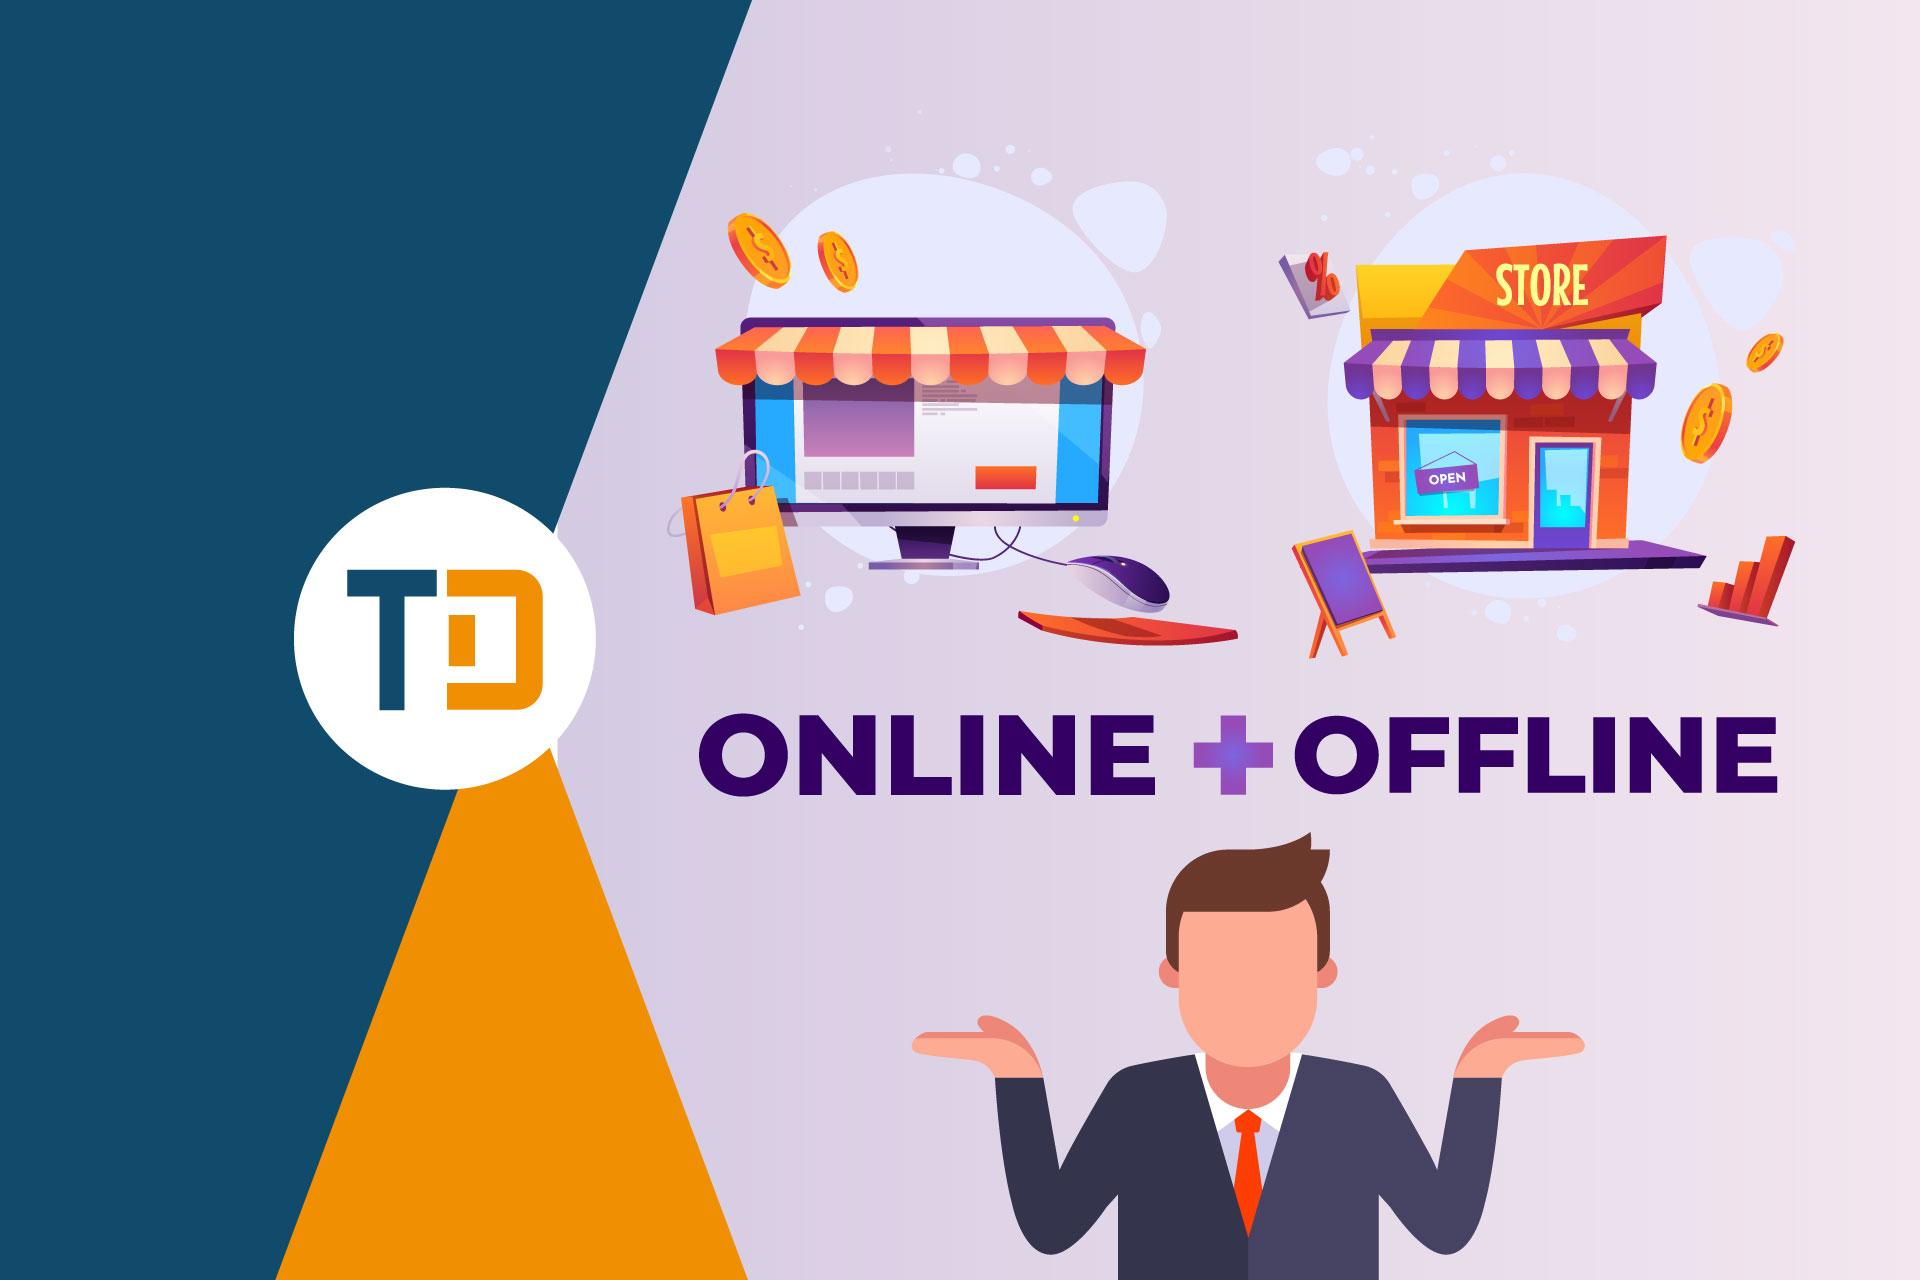 negozi fisici e online